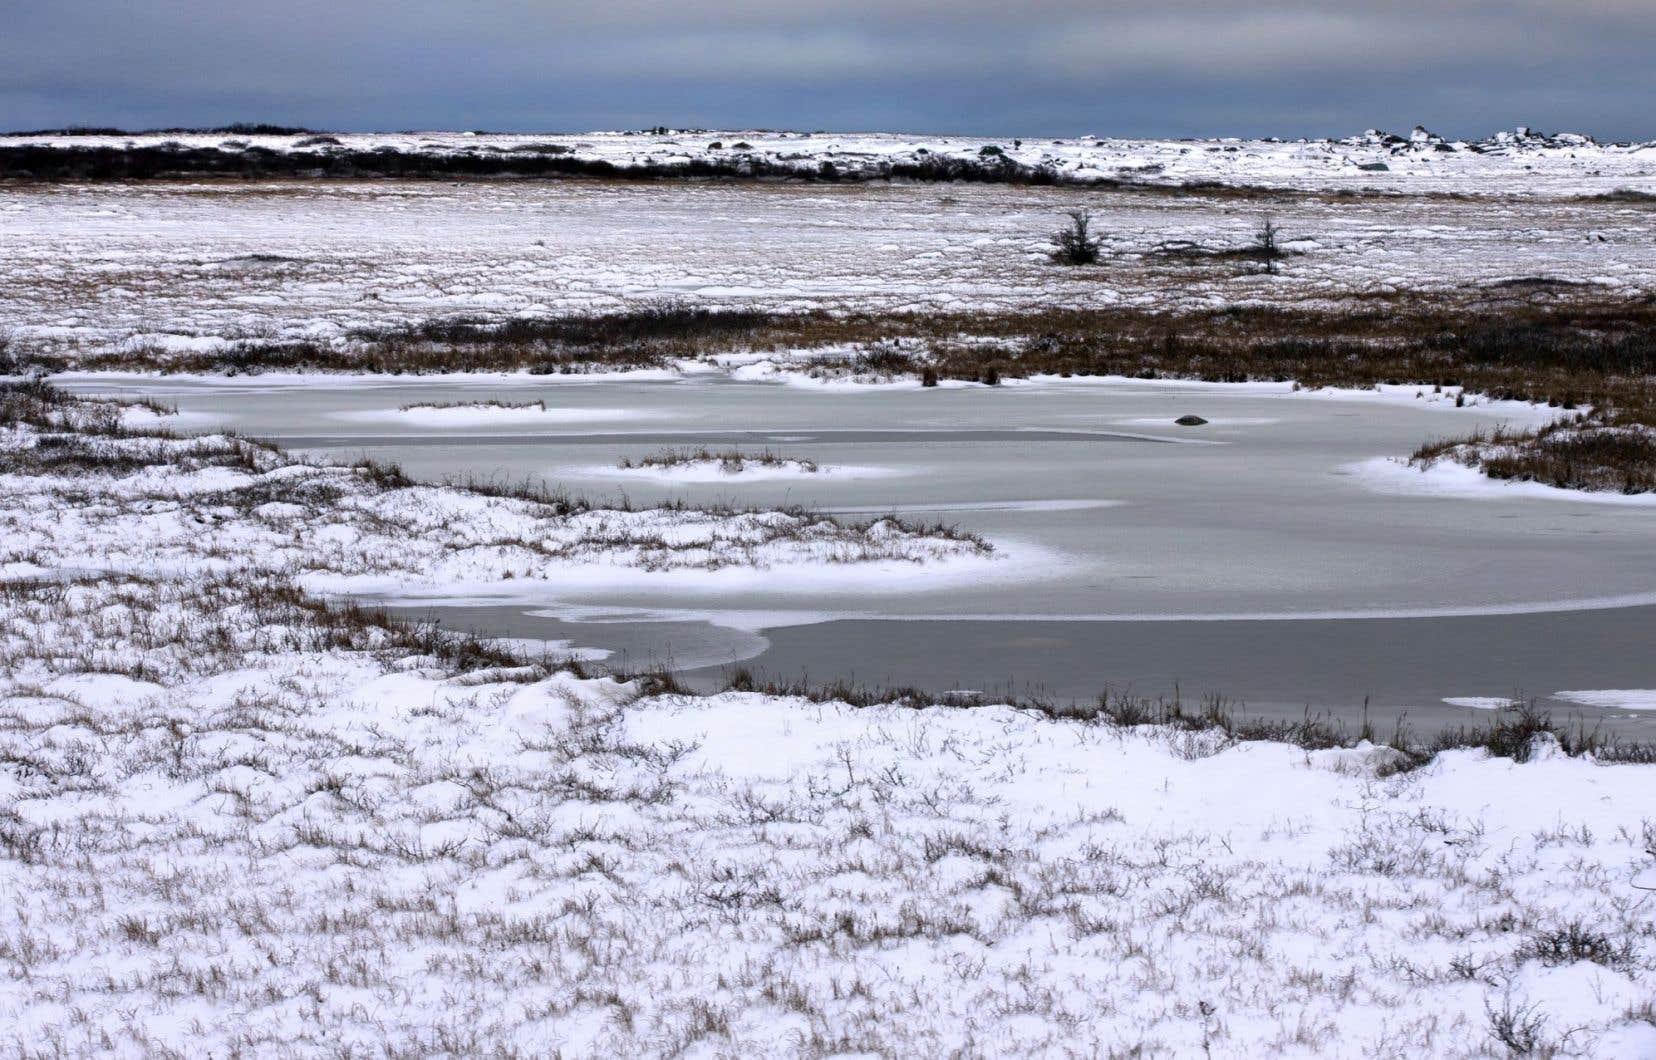 Le voyage du jeune explorateur Samuel Hearne l'a mené du nord de Churchill jusqu'aux confins de la mer Arctique.